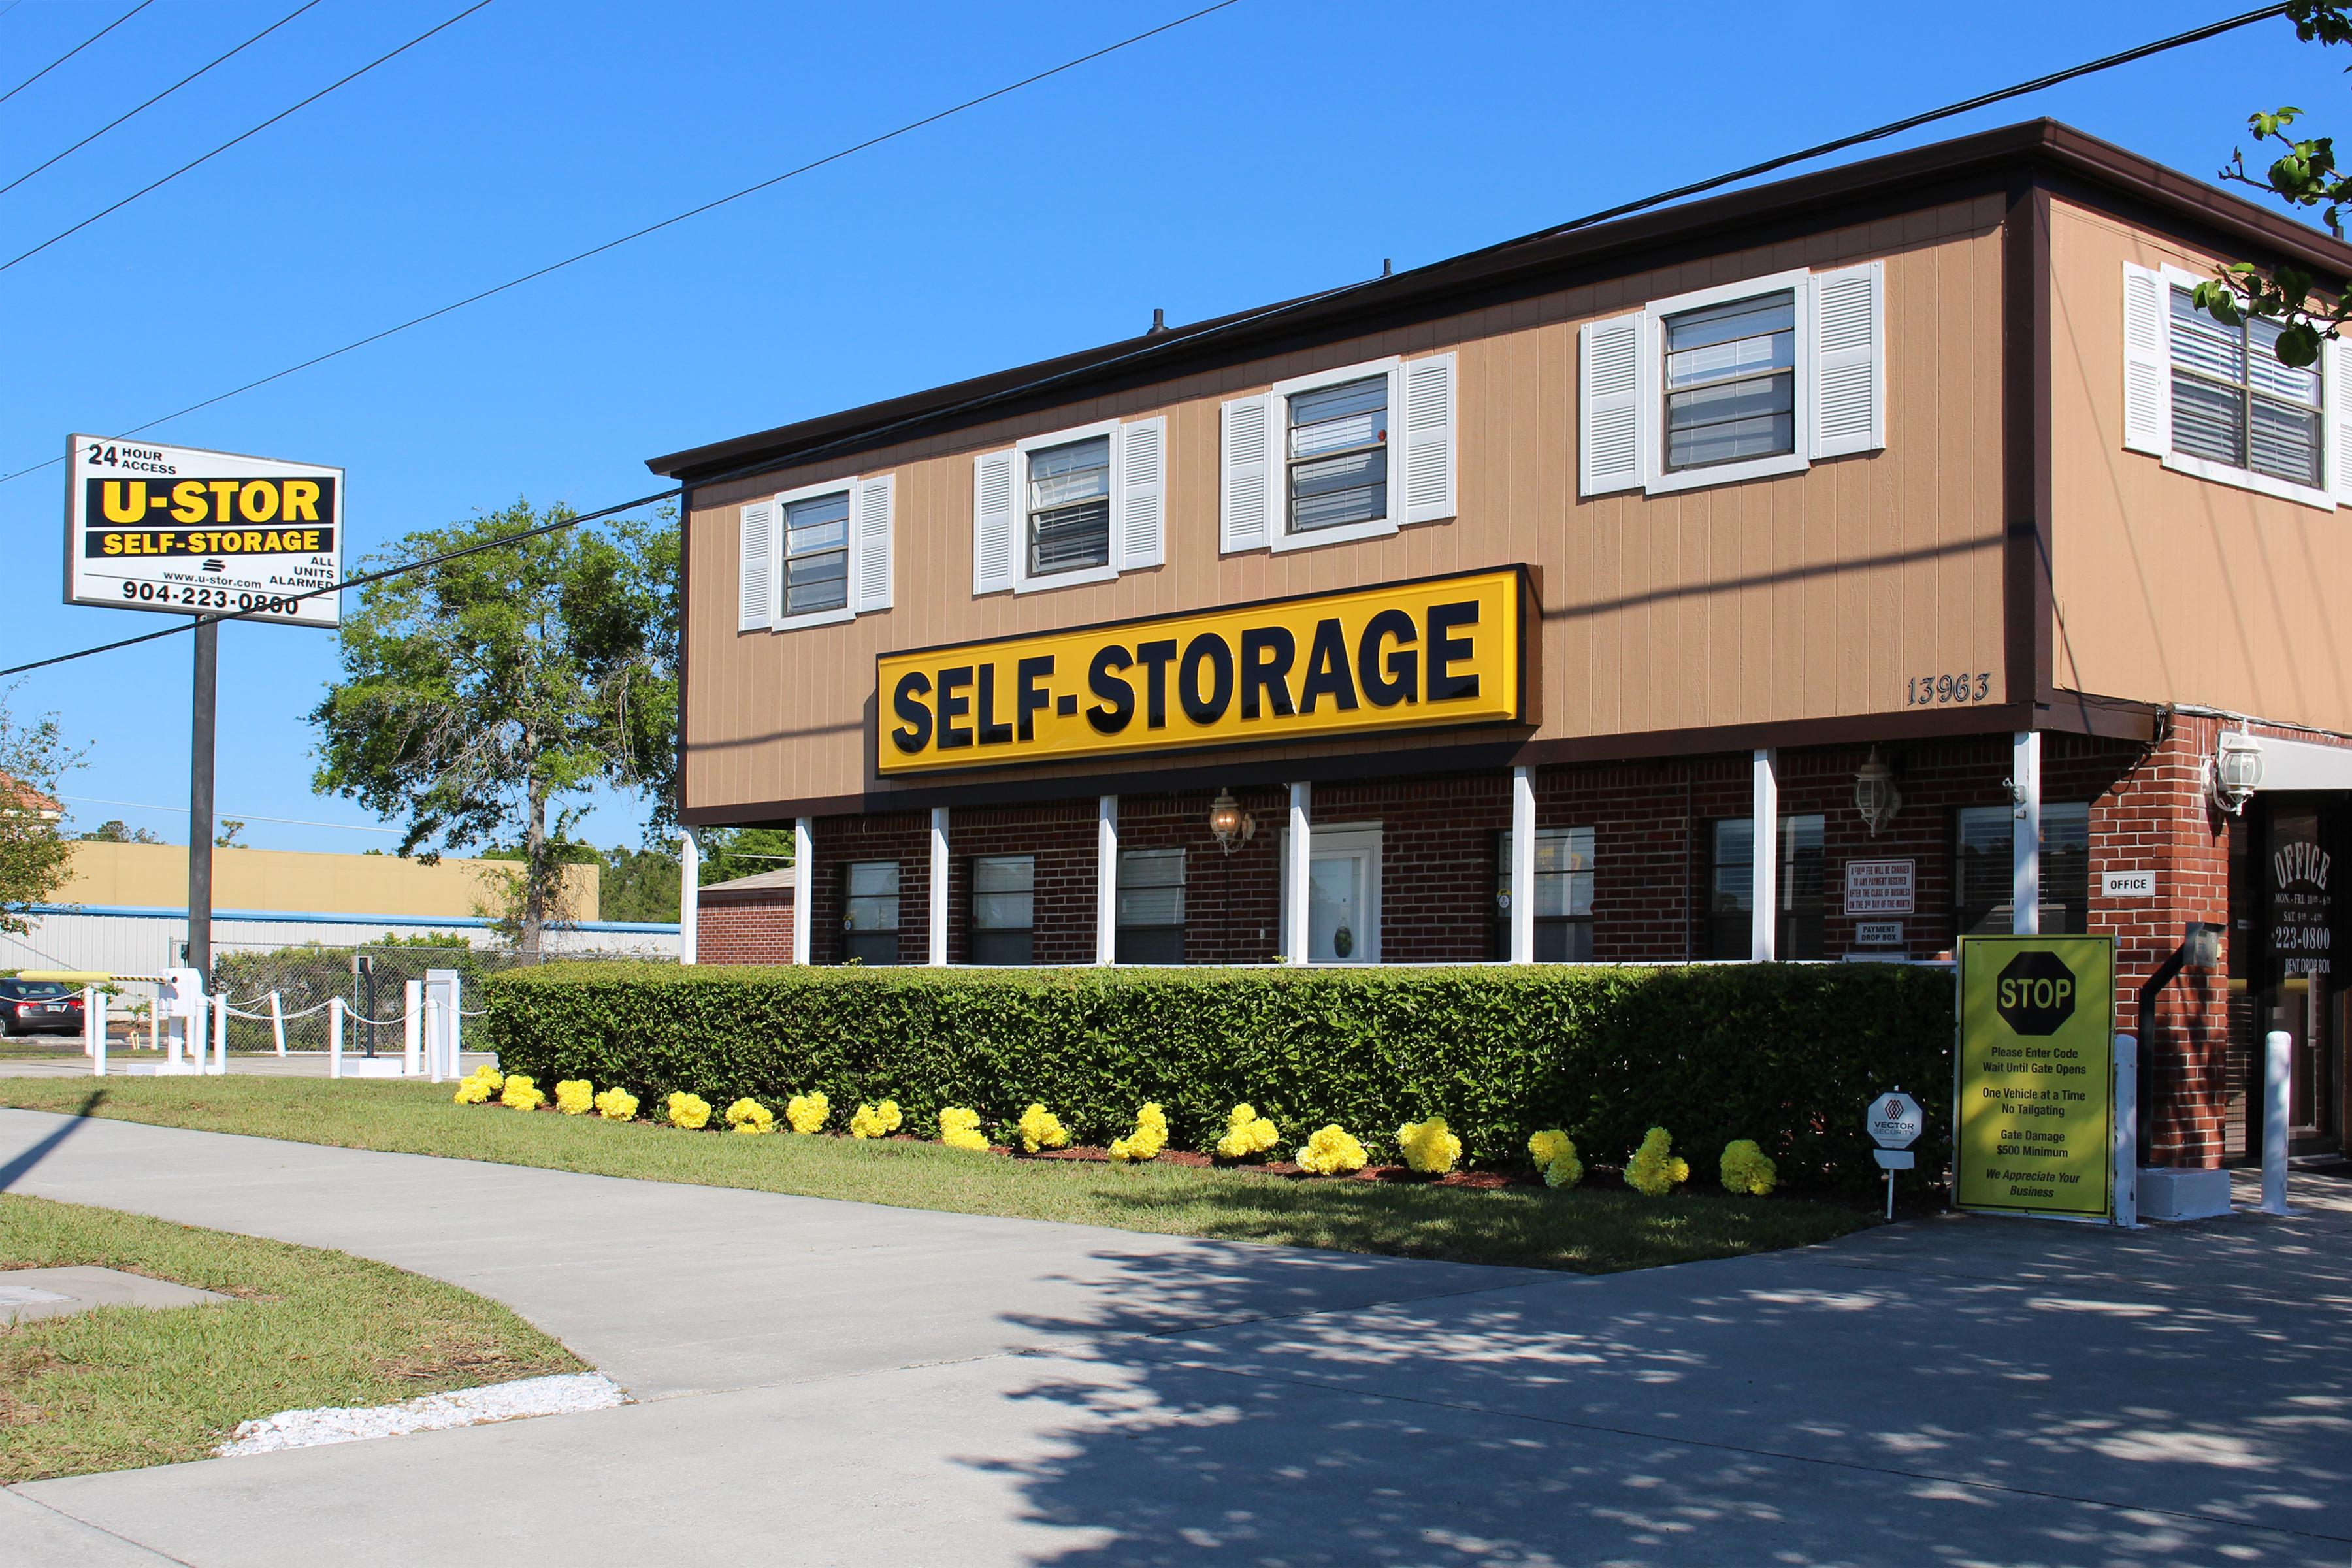 U STOR Self Storage